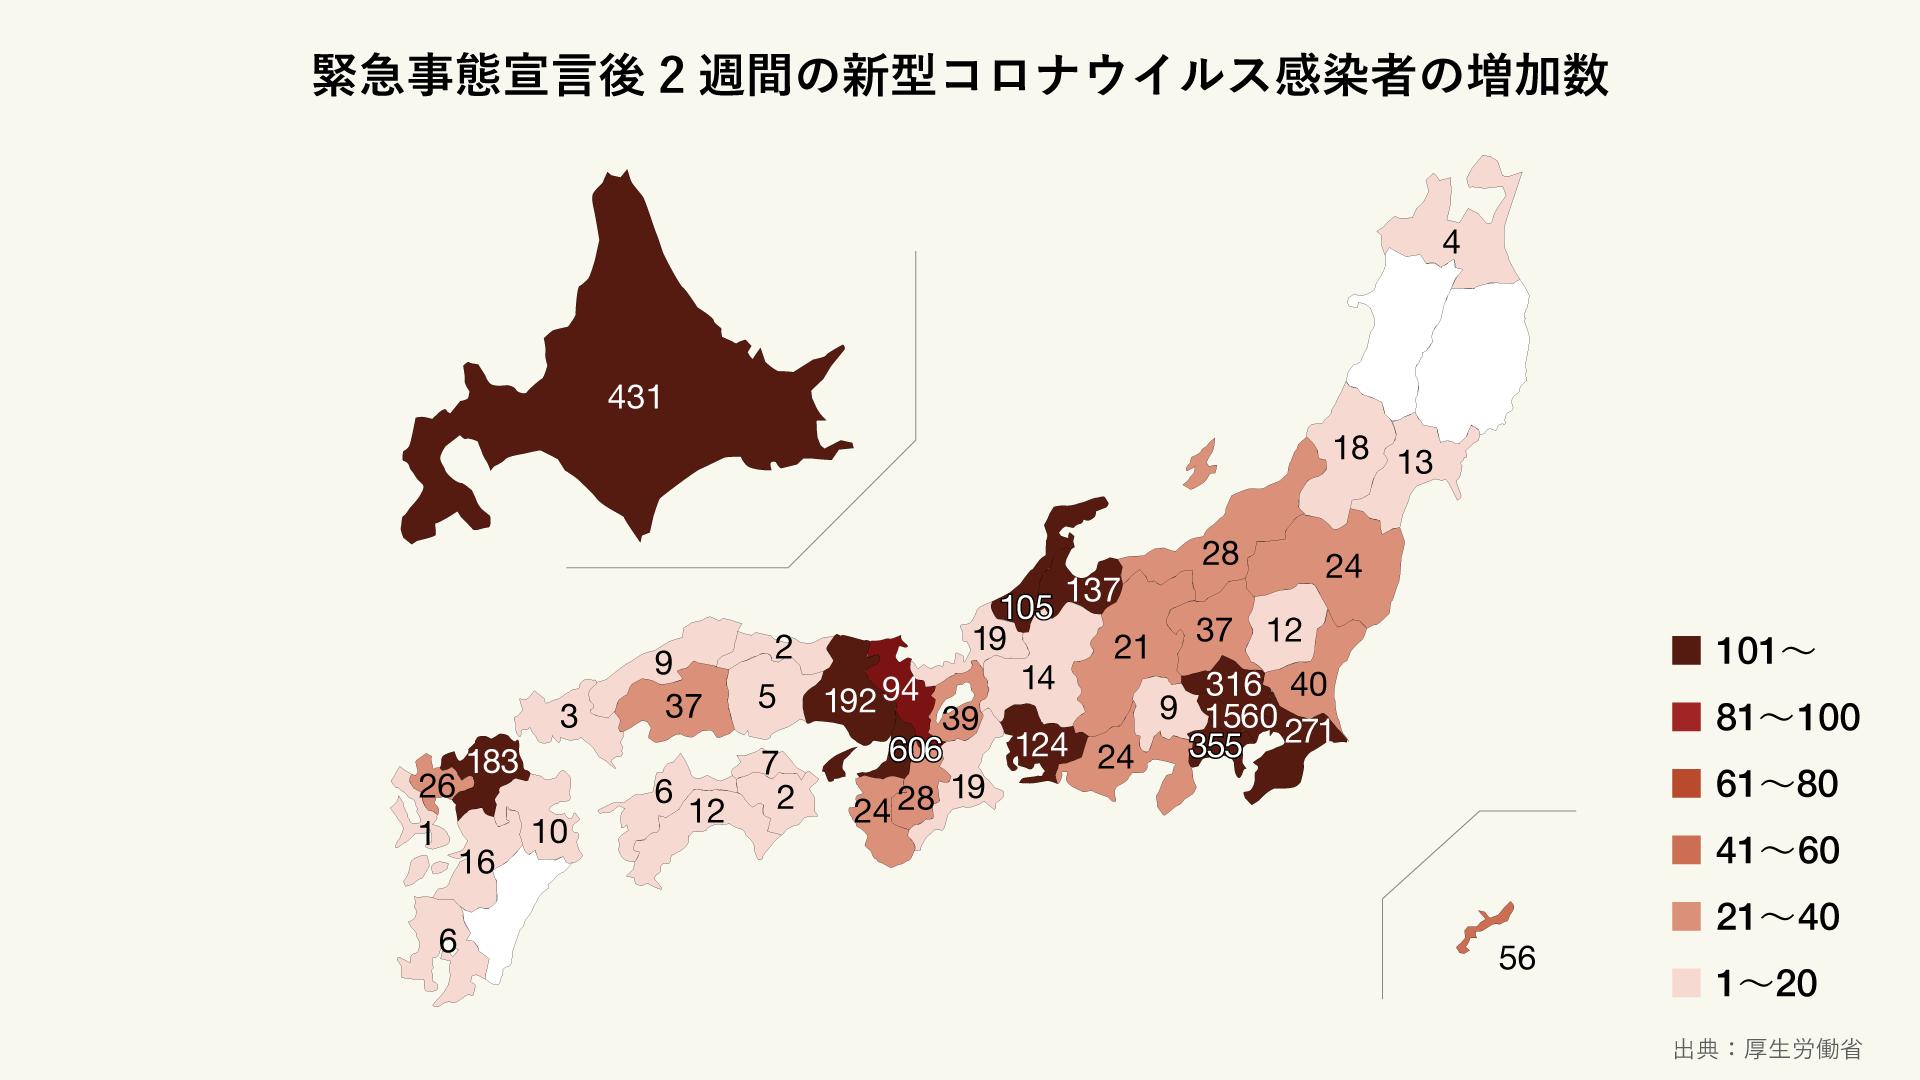 岩手 県 コロナ 感染 者 新型コロナウイルス情報 岩手日報 IWATE